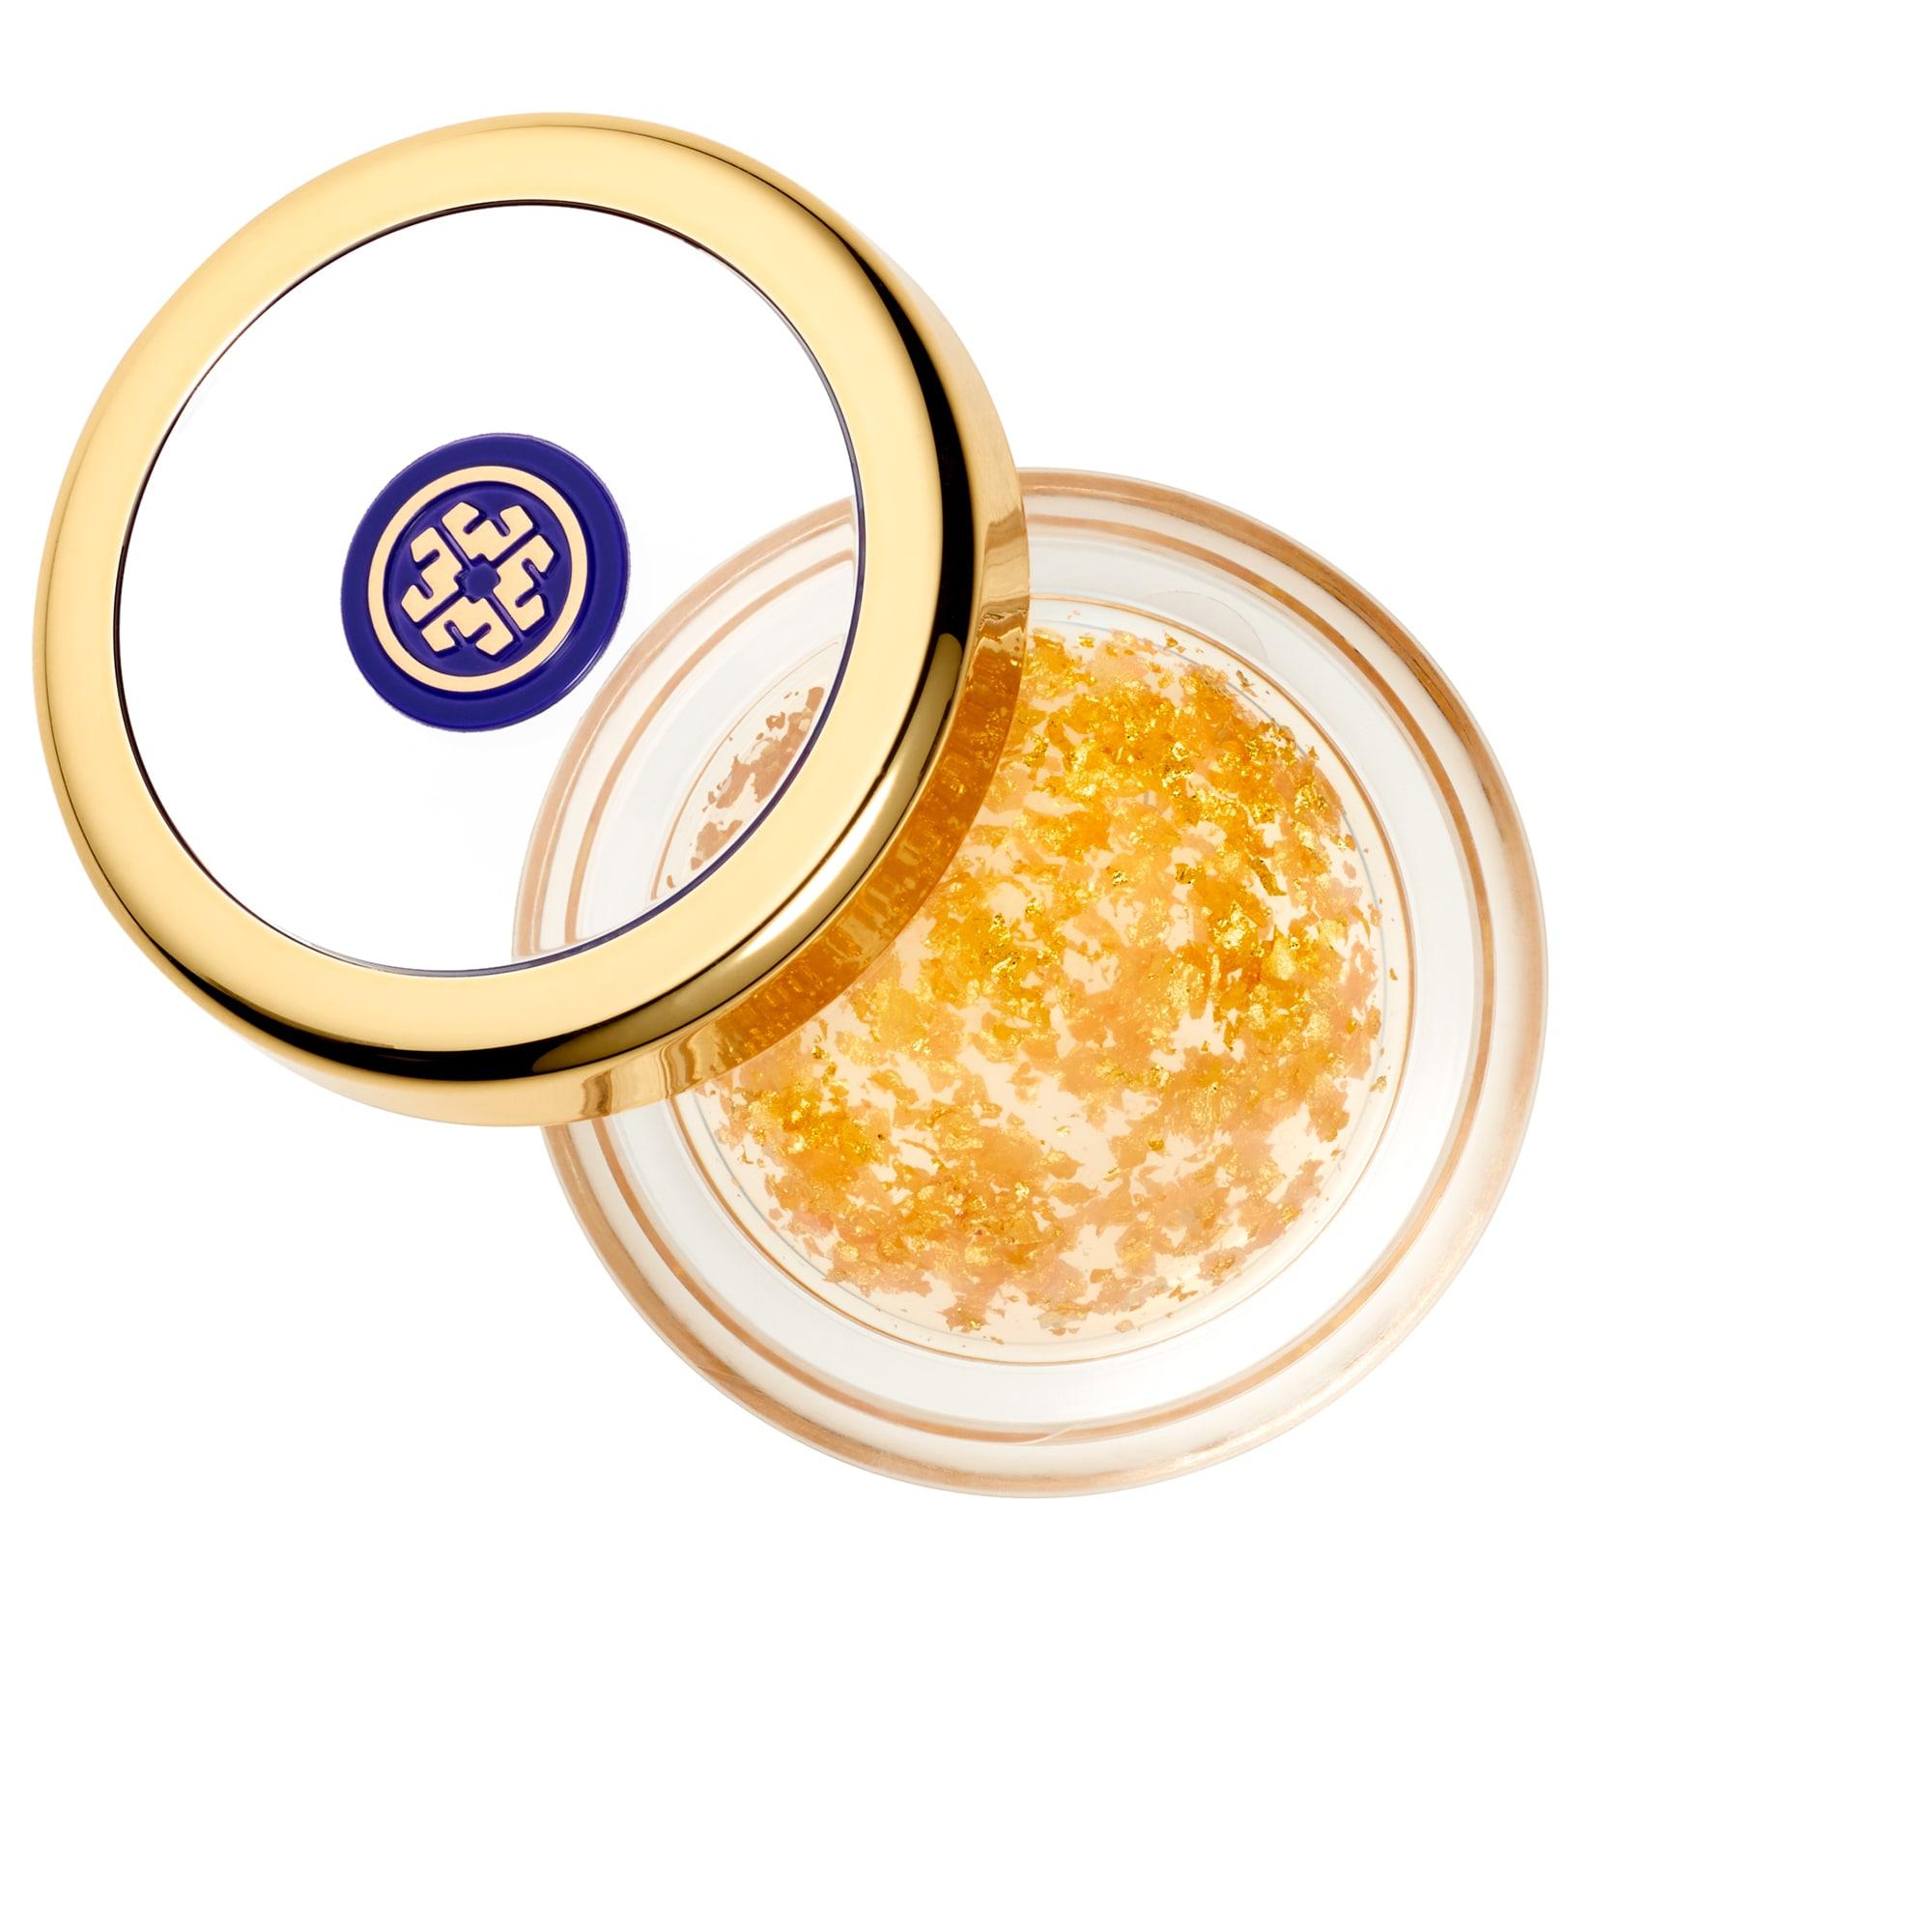 Tatcha - Camellia Gold Spun Lip Balm